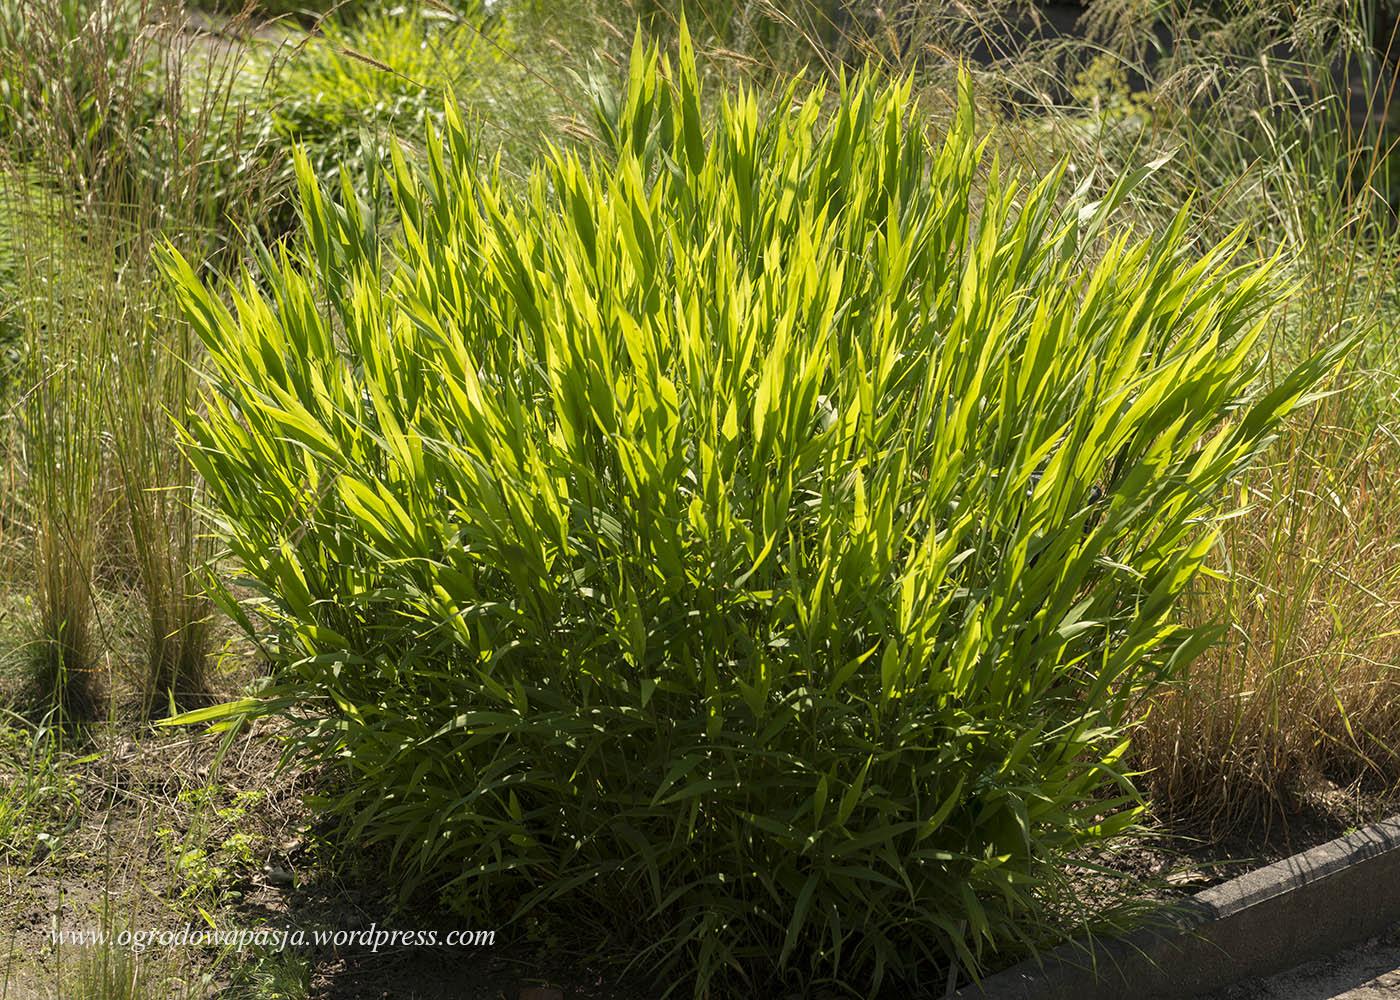 Owadzica szerokolistna czyli coraz popularniejsza obiedka szerokolistna (Chasmanthium latifolium)